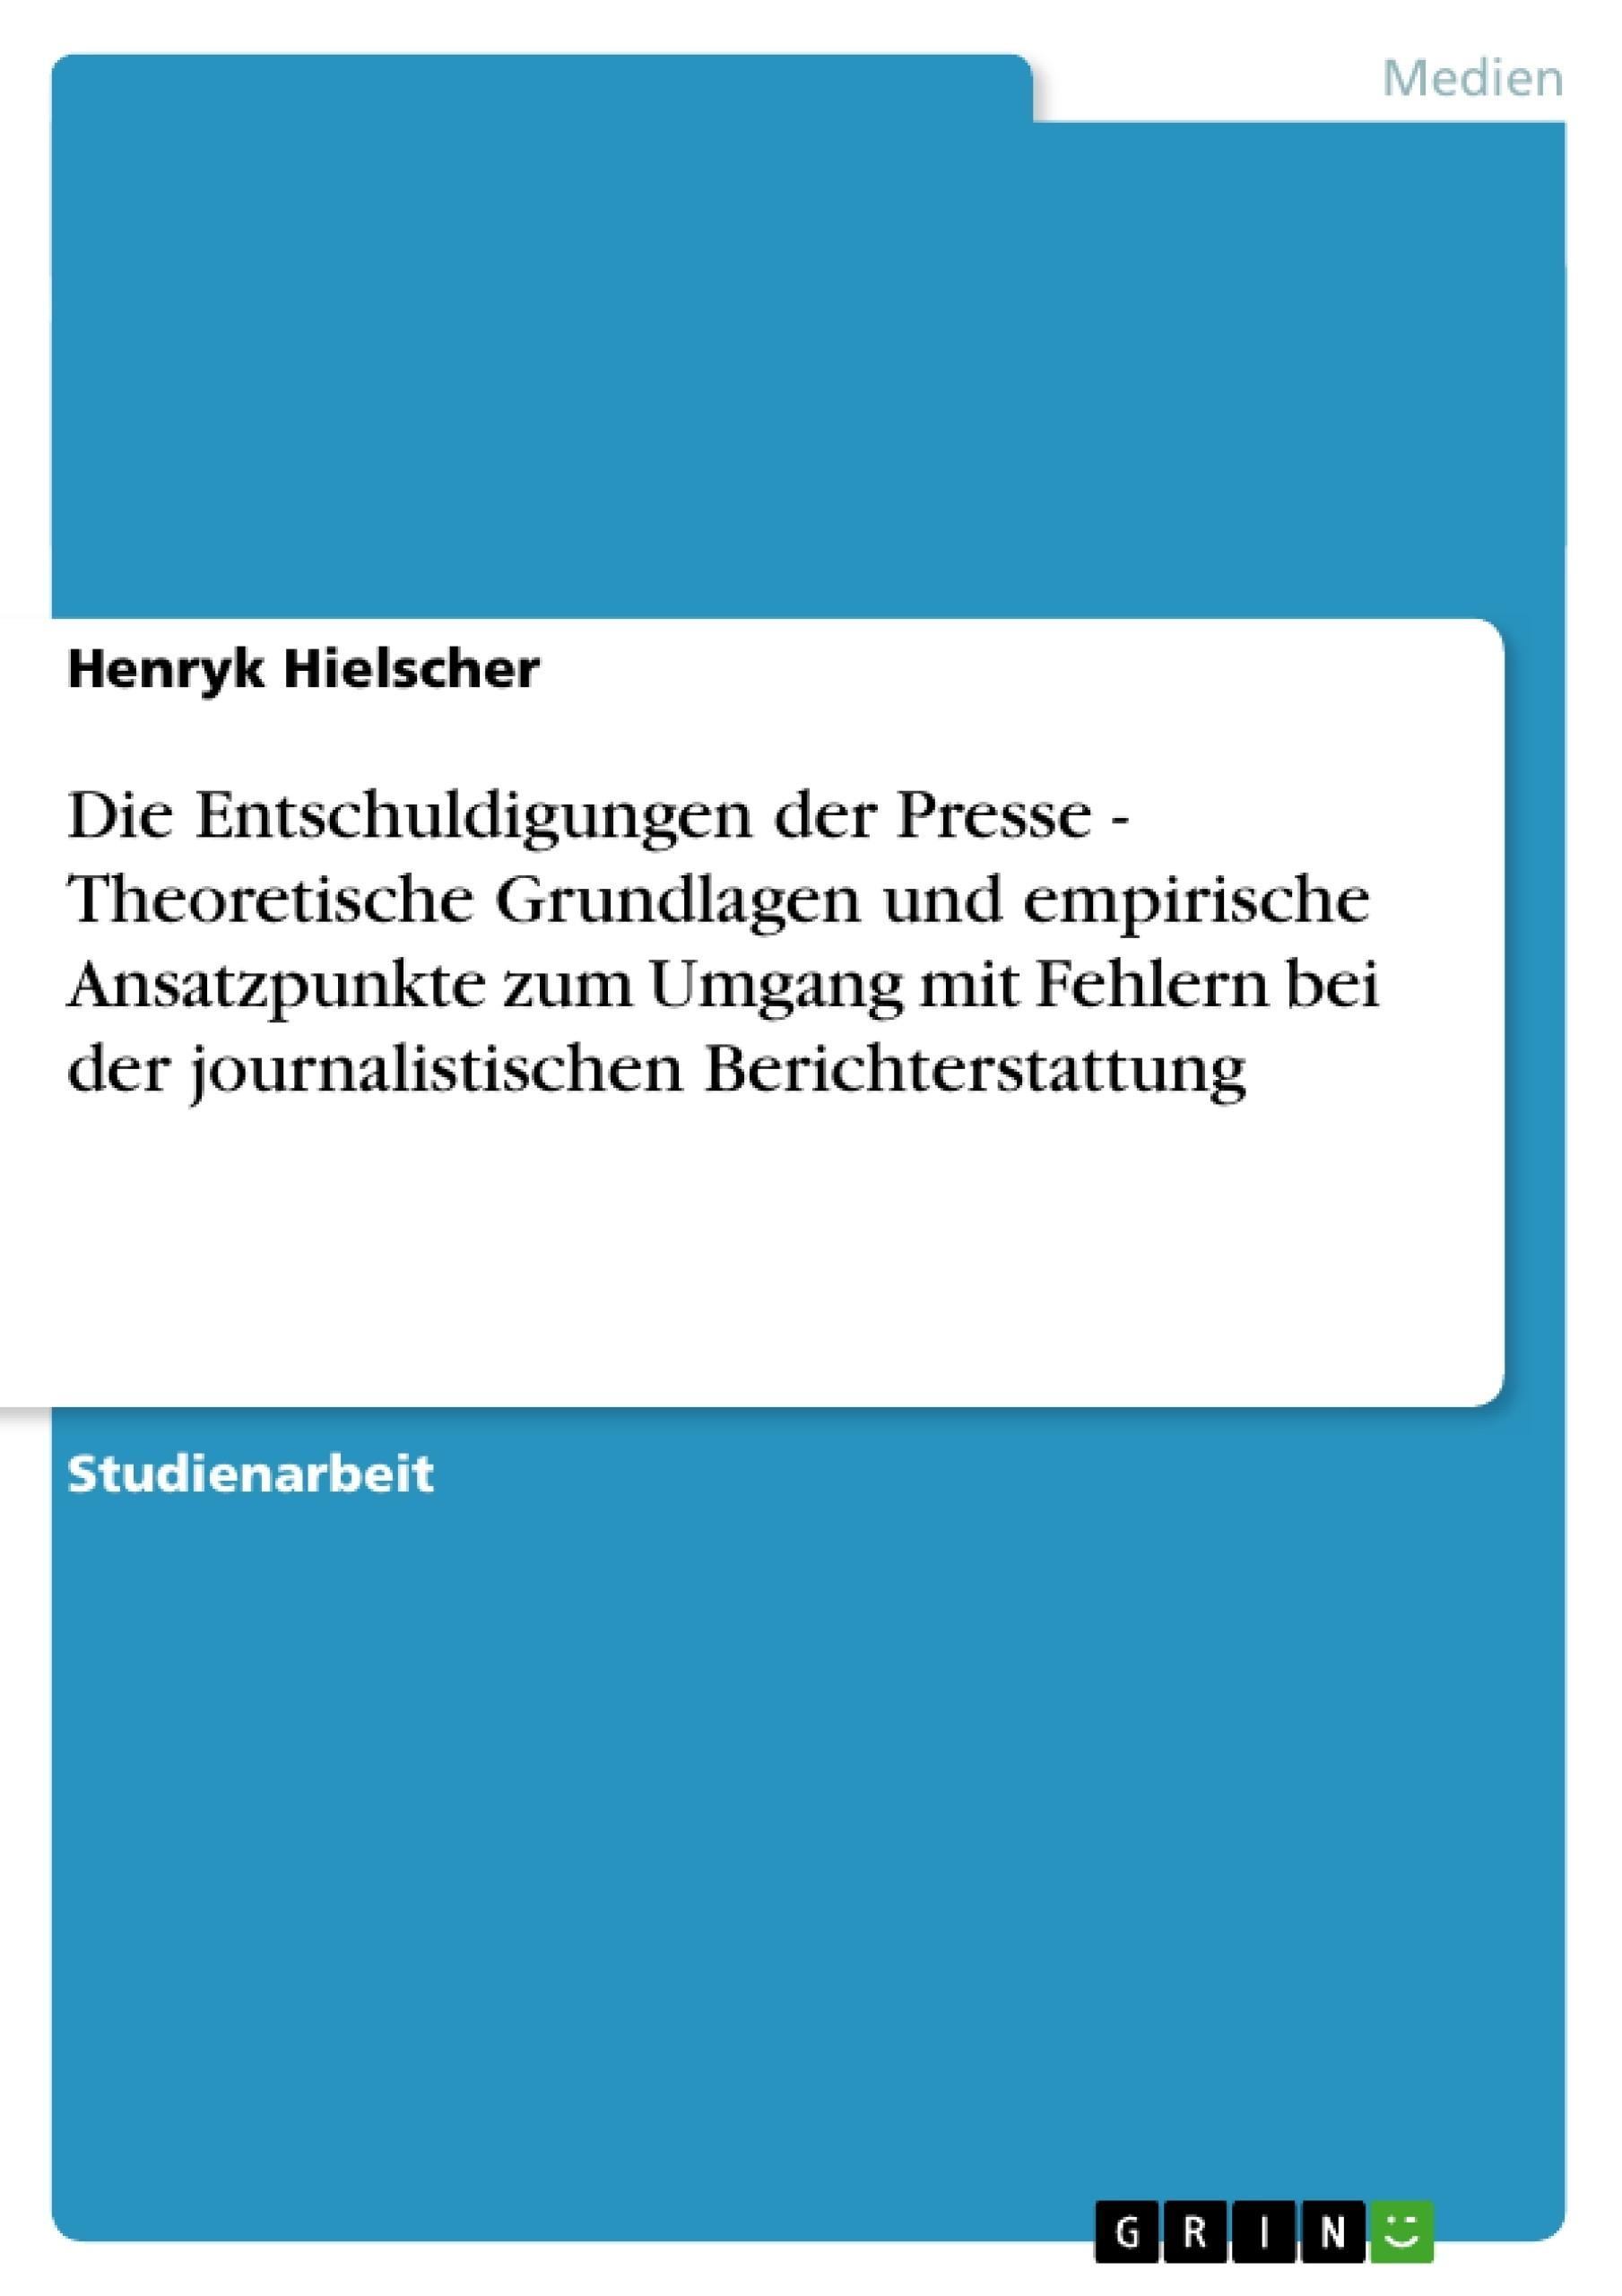 Titel: Die Entschuldigungen der Presse - Theoretische Grundlagen und empirische Ansatzpunkte zum Umgang mit Fehlern bei der journalistischen Berichterstattung